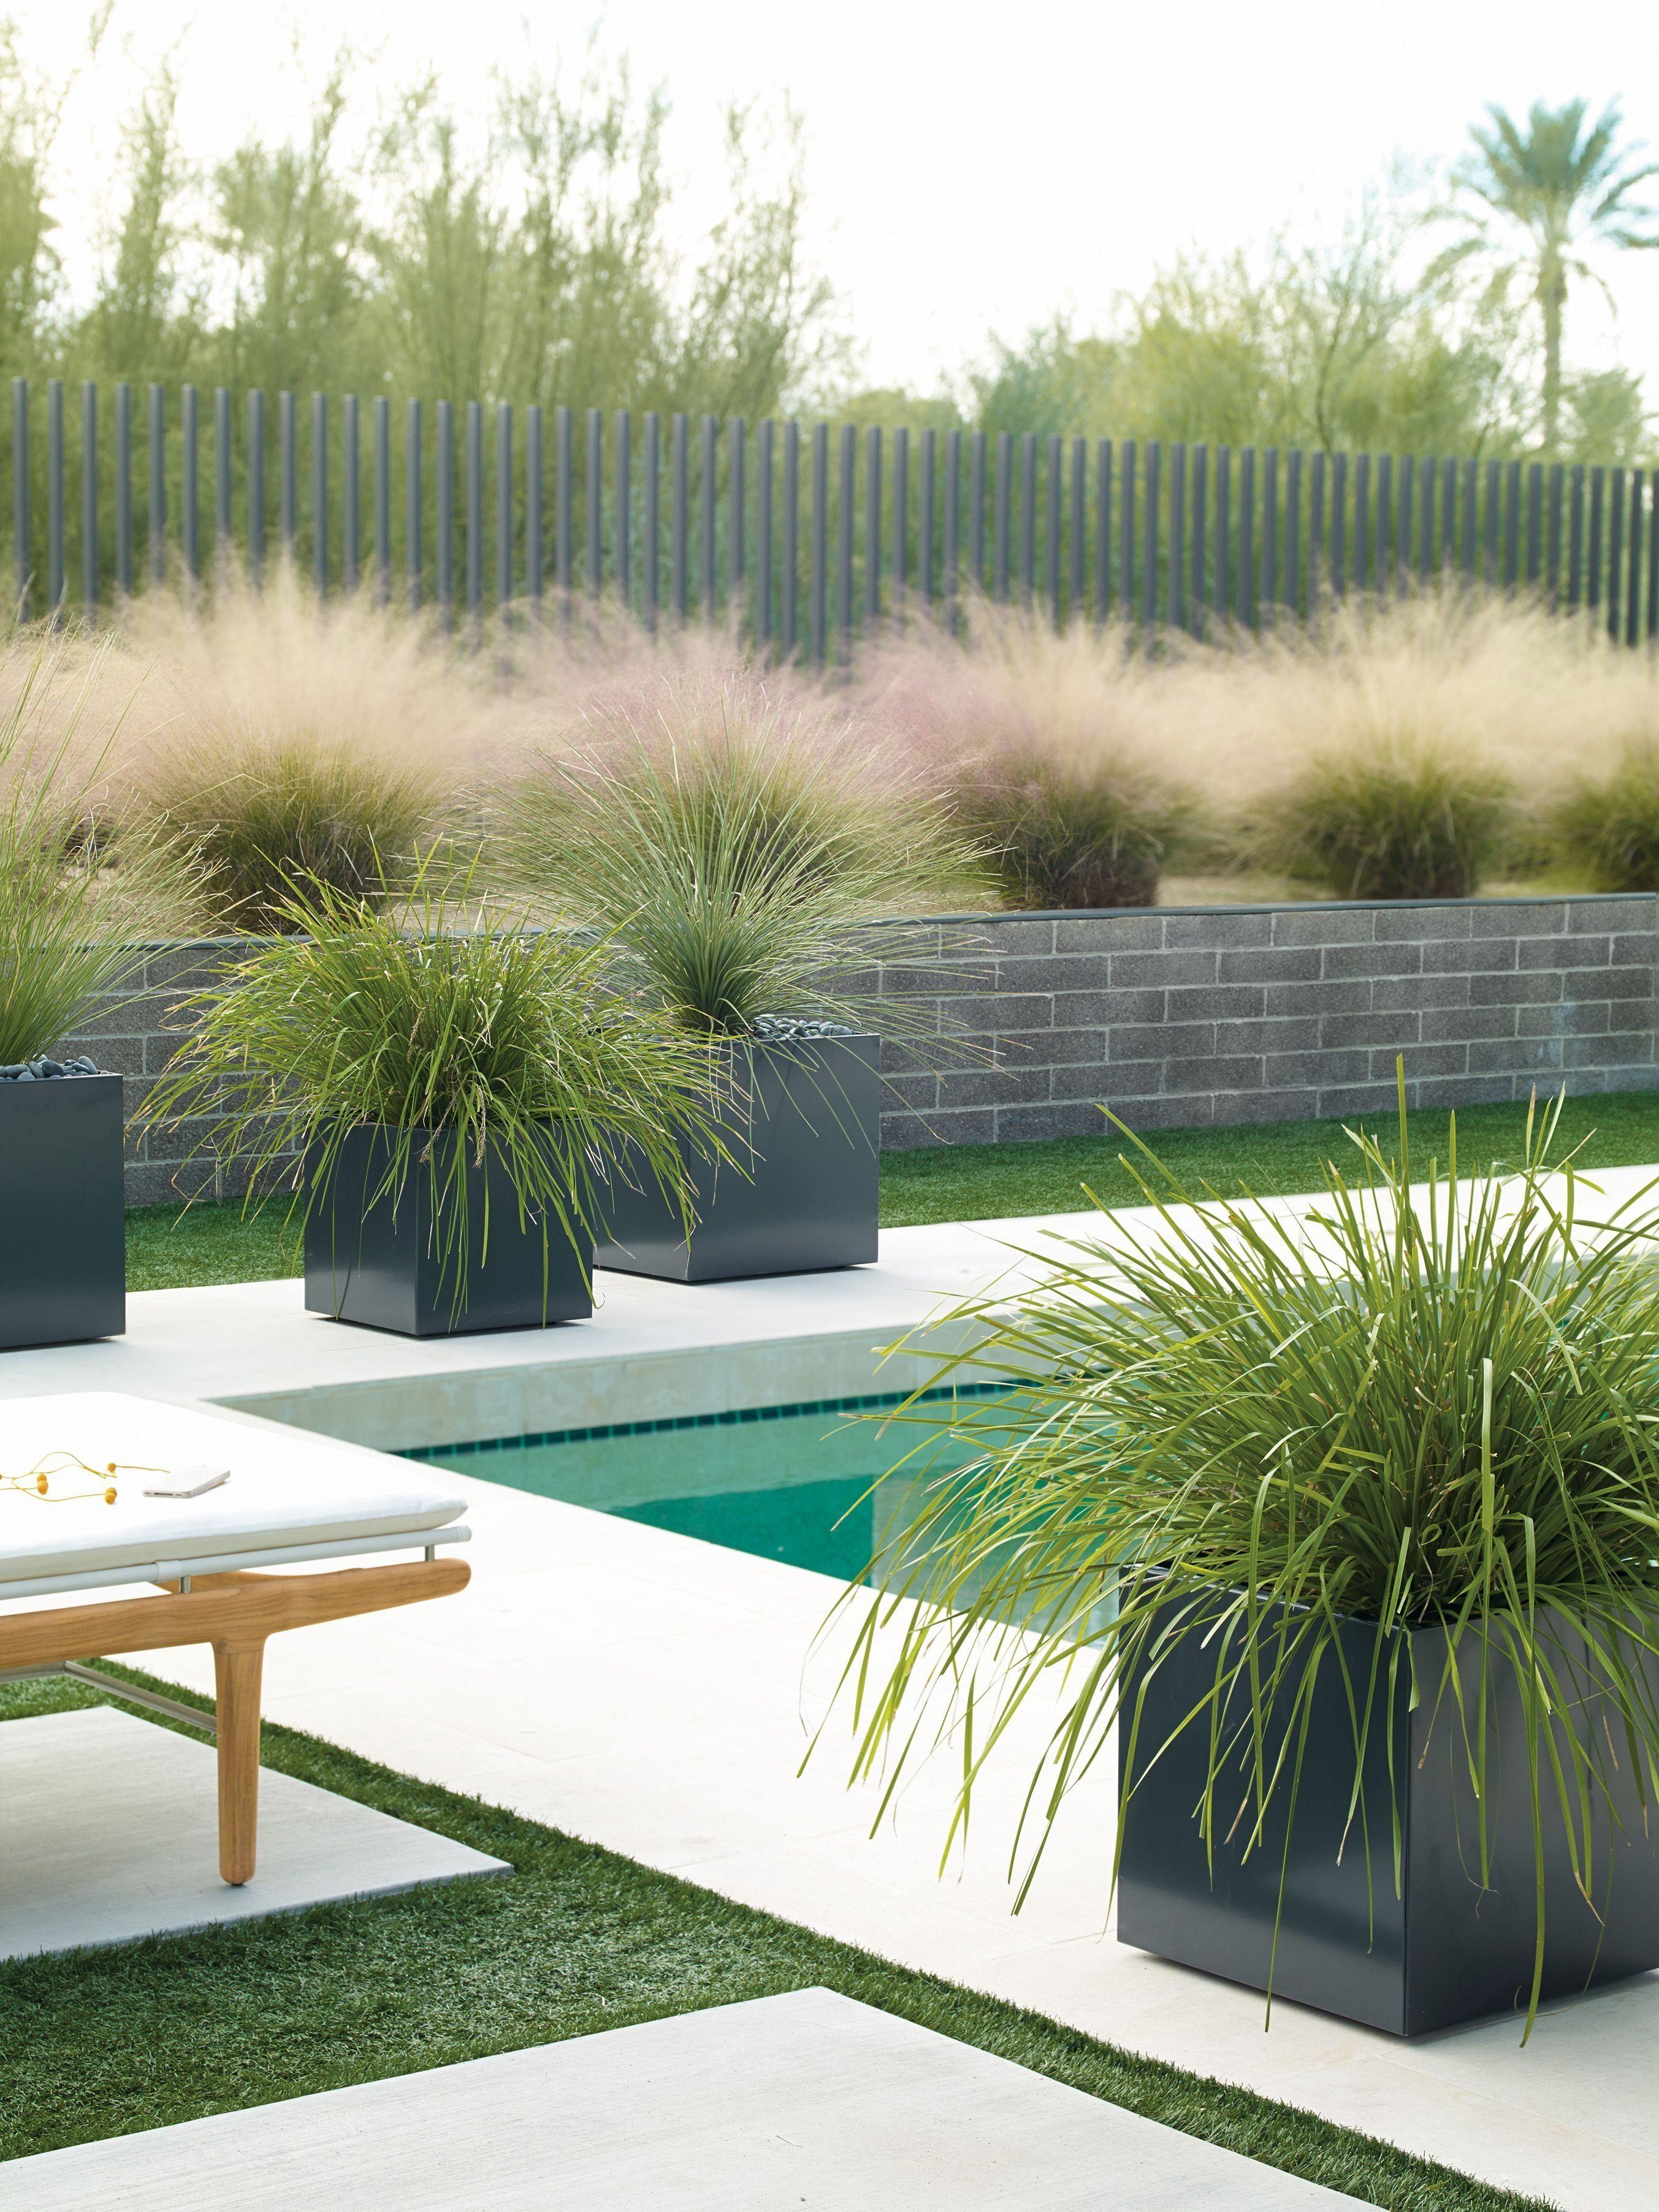 40 cozy decorative garden planters design ideas plants pinterest rh pinterest com